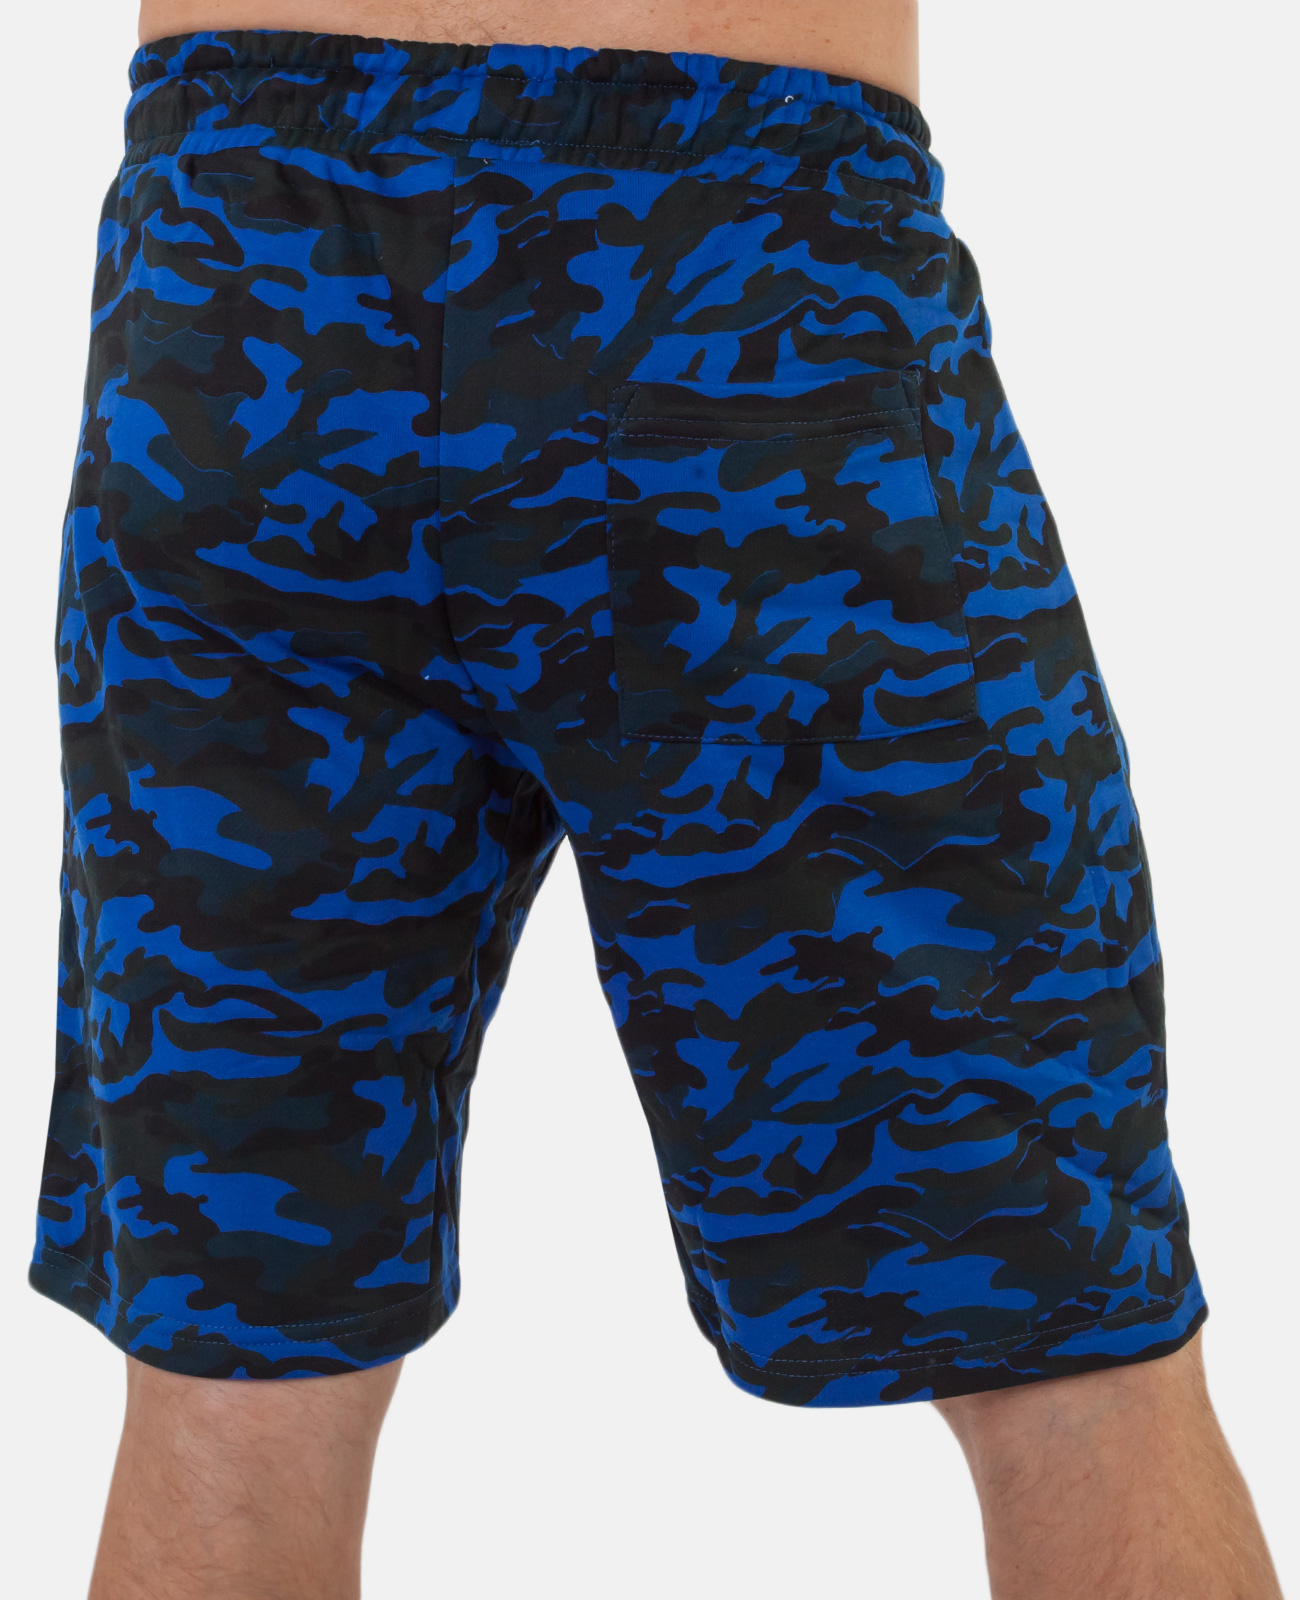 Военные удлиненные шорты с нашивкой Погранвойска - заказать с доставкой